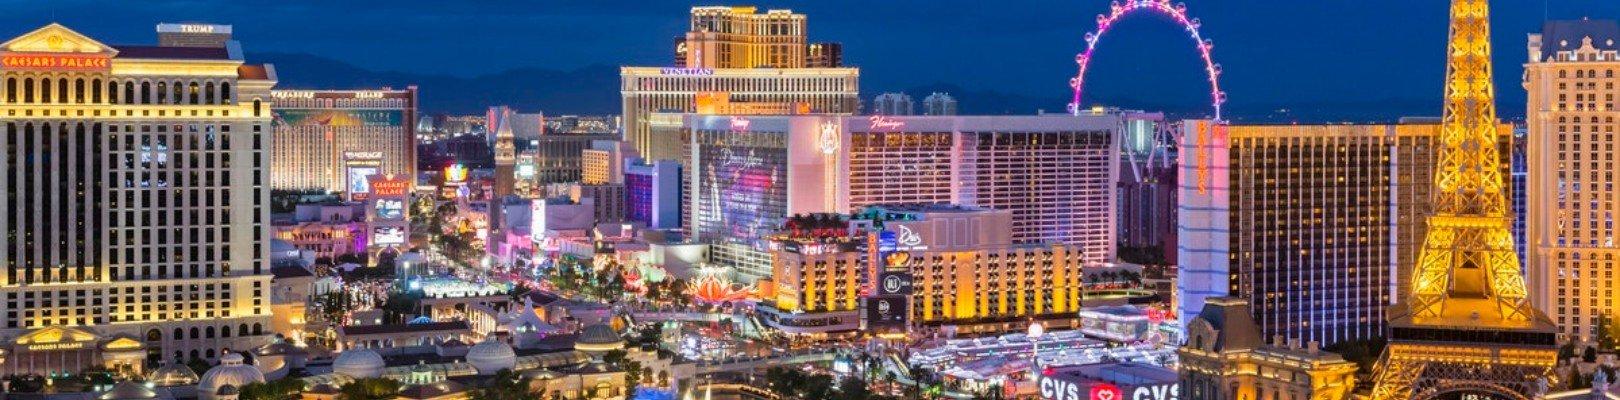 Landbaserte Casinoer og Gambling